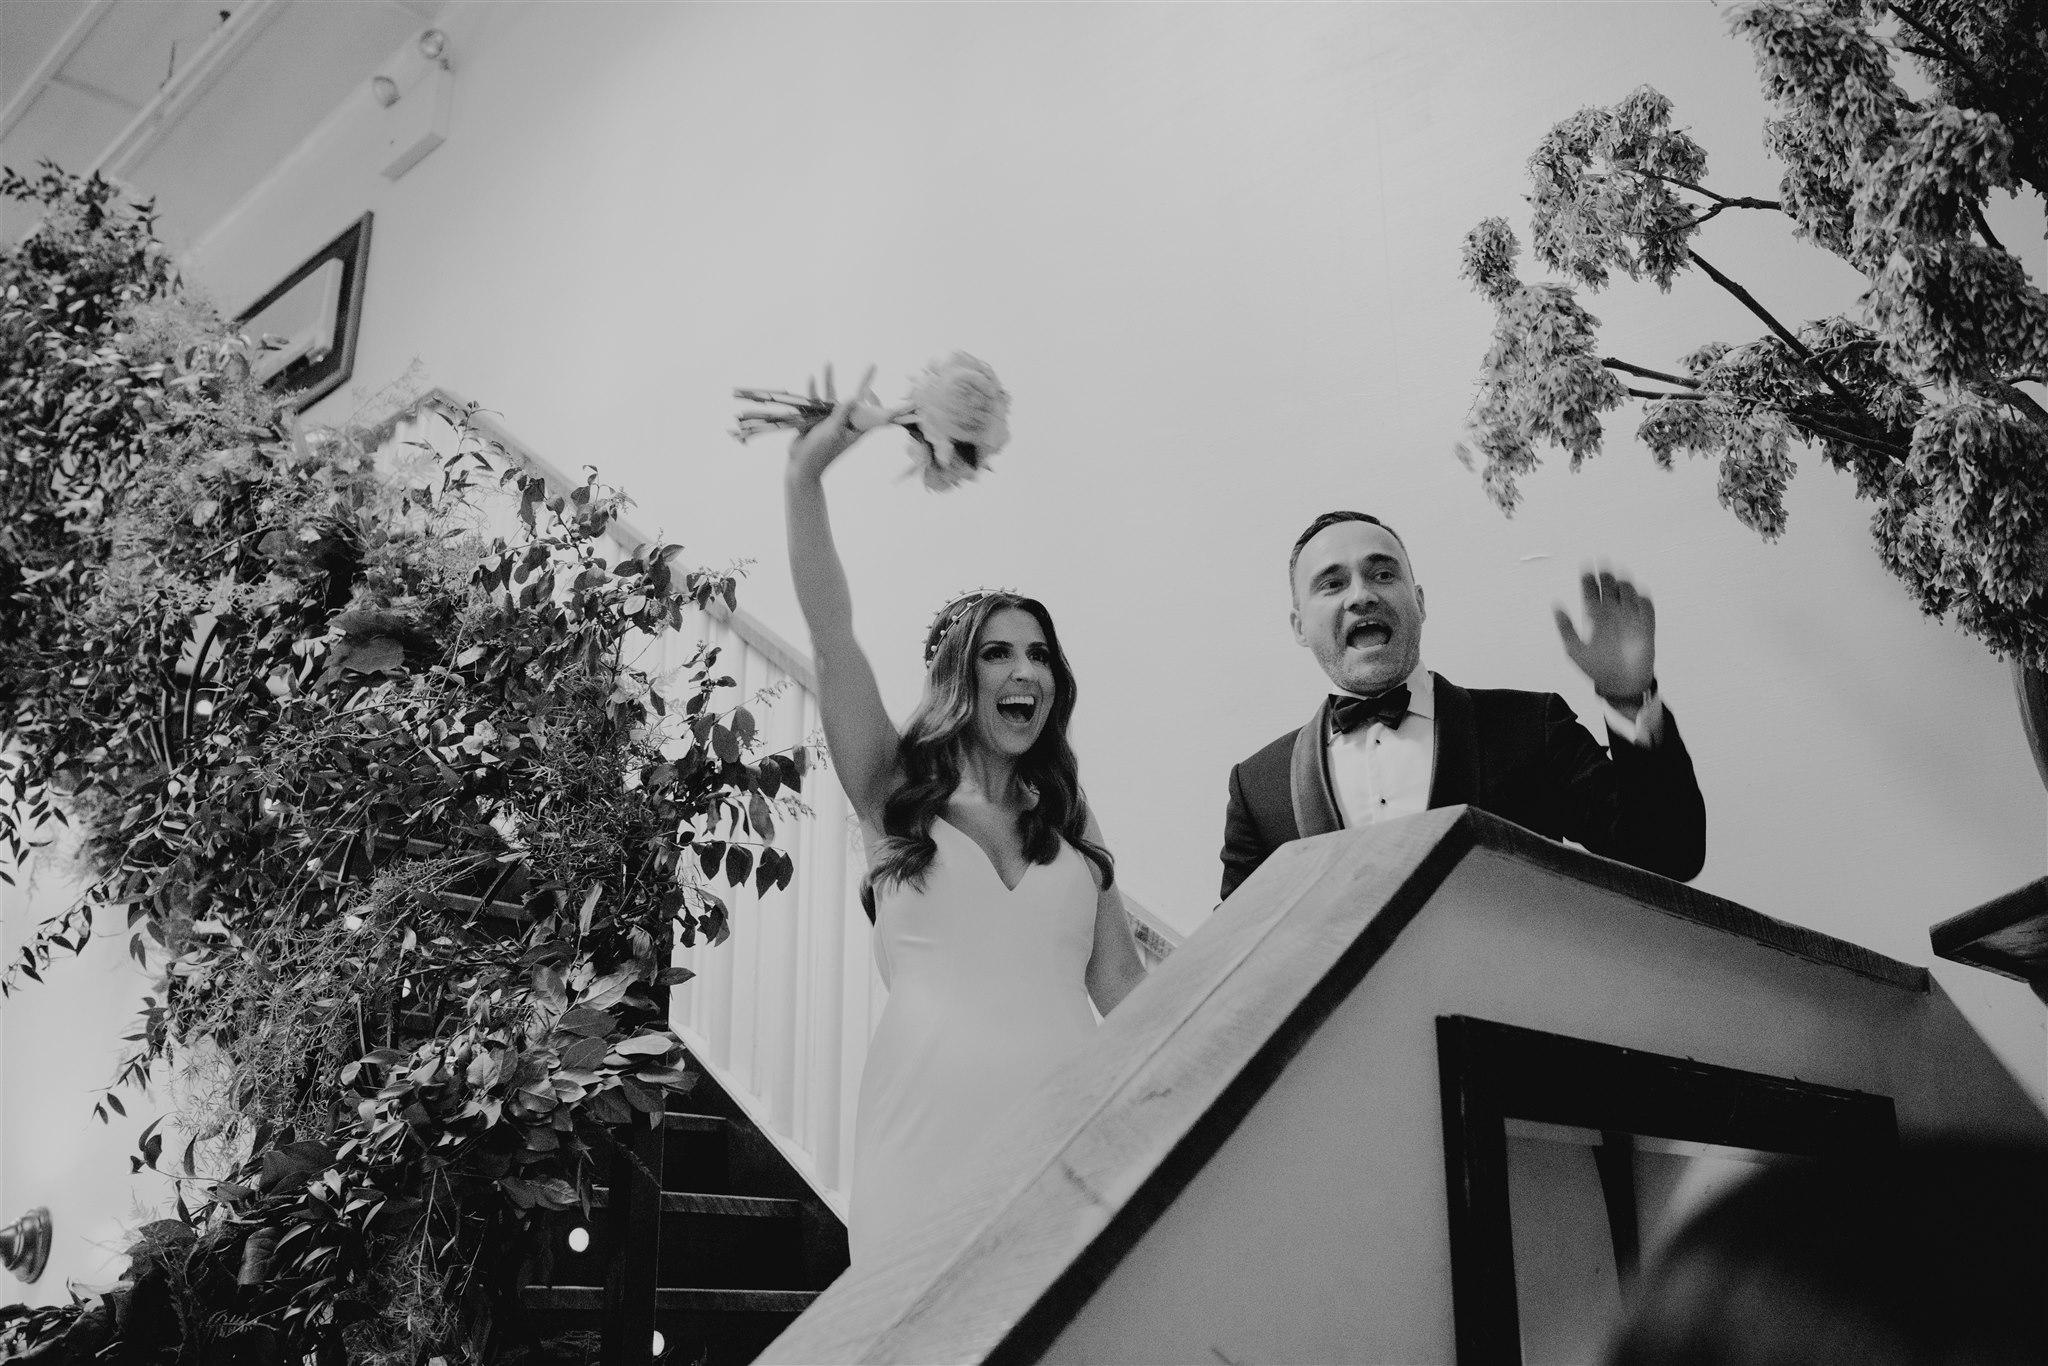 Chellise_Michael_Photography_Ramona_Brooklyn_Wedding_Photographer-447.jpg